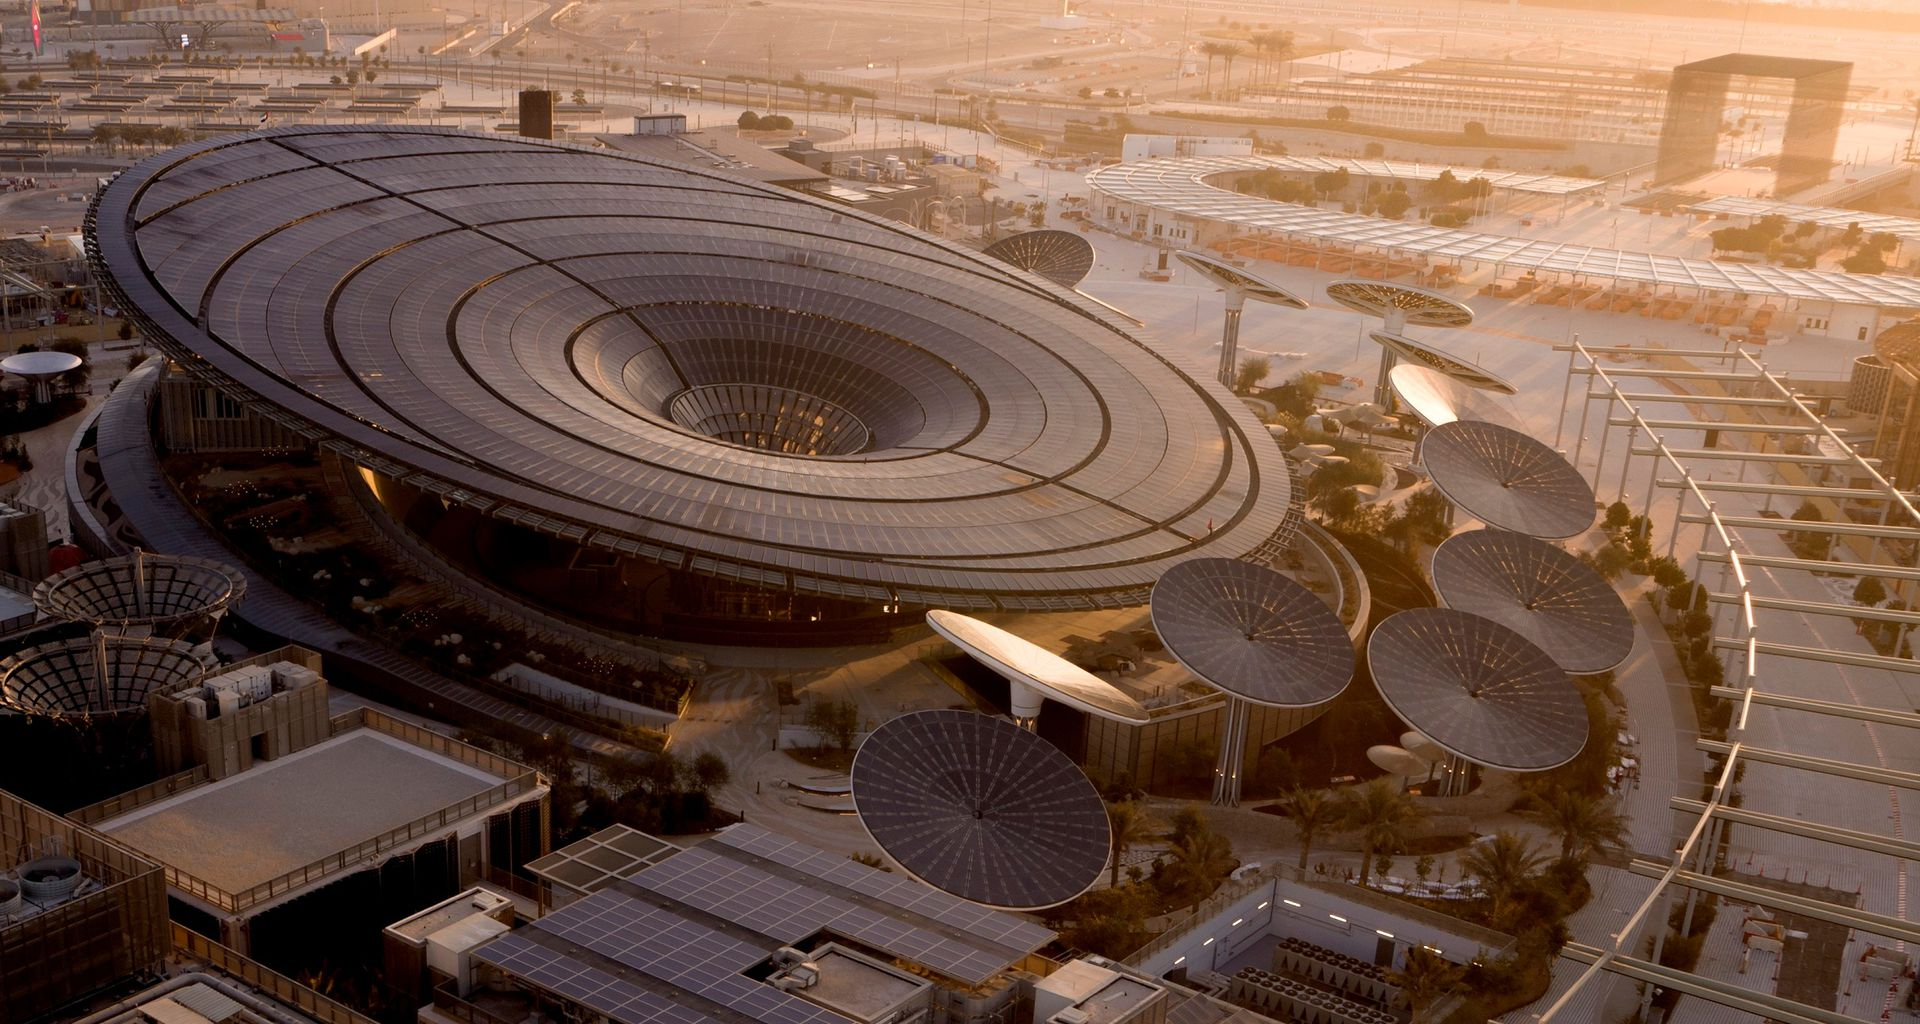 El impactante pavellón Terra, dedicado a la sustentabilidad de la Expo Dubai 2020